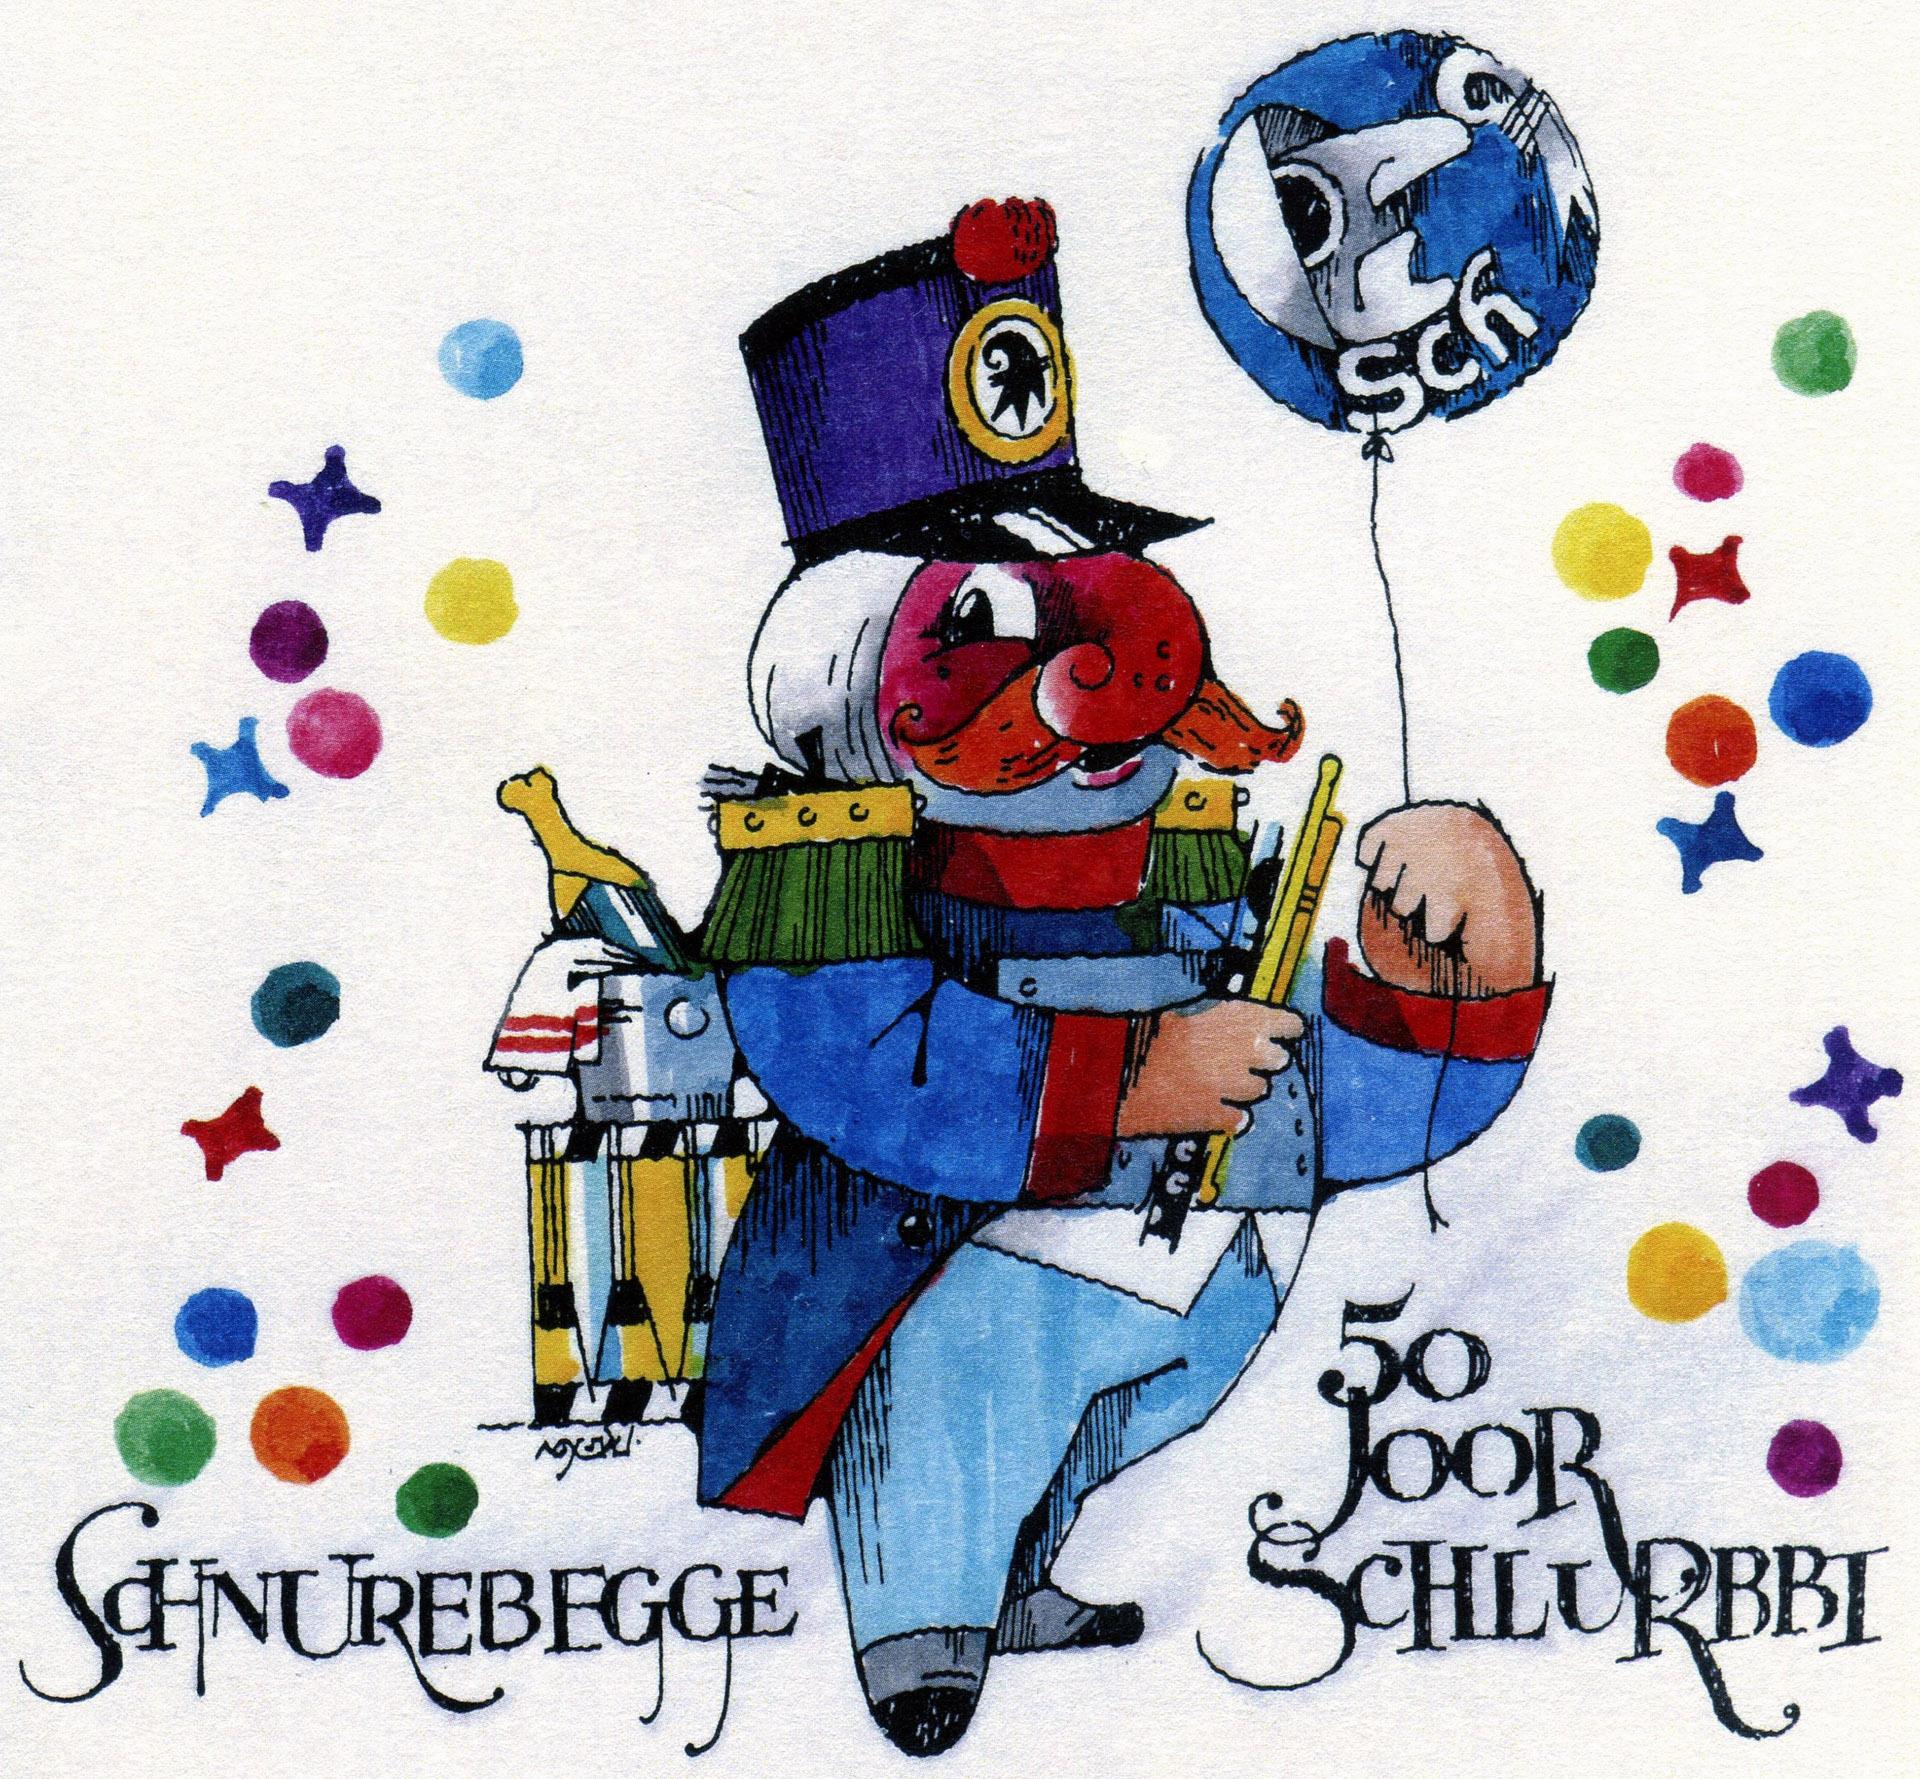 2014: 50 Joor Schlurbbi